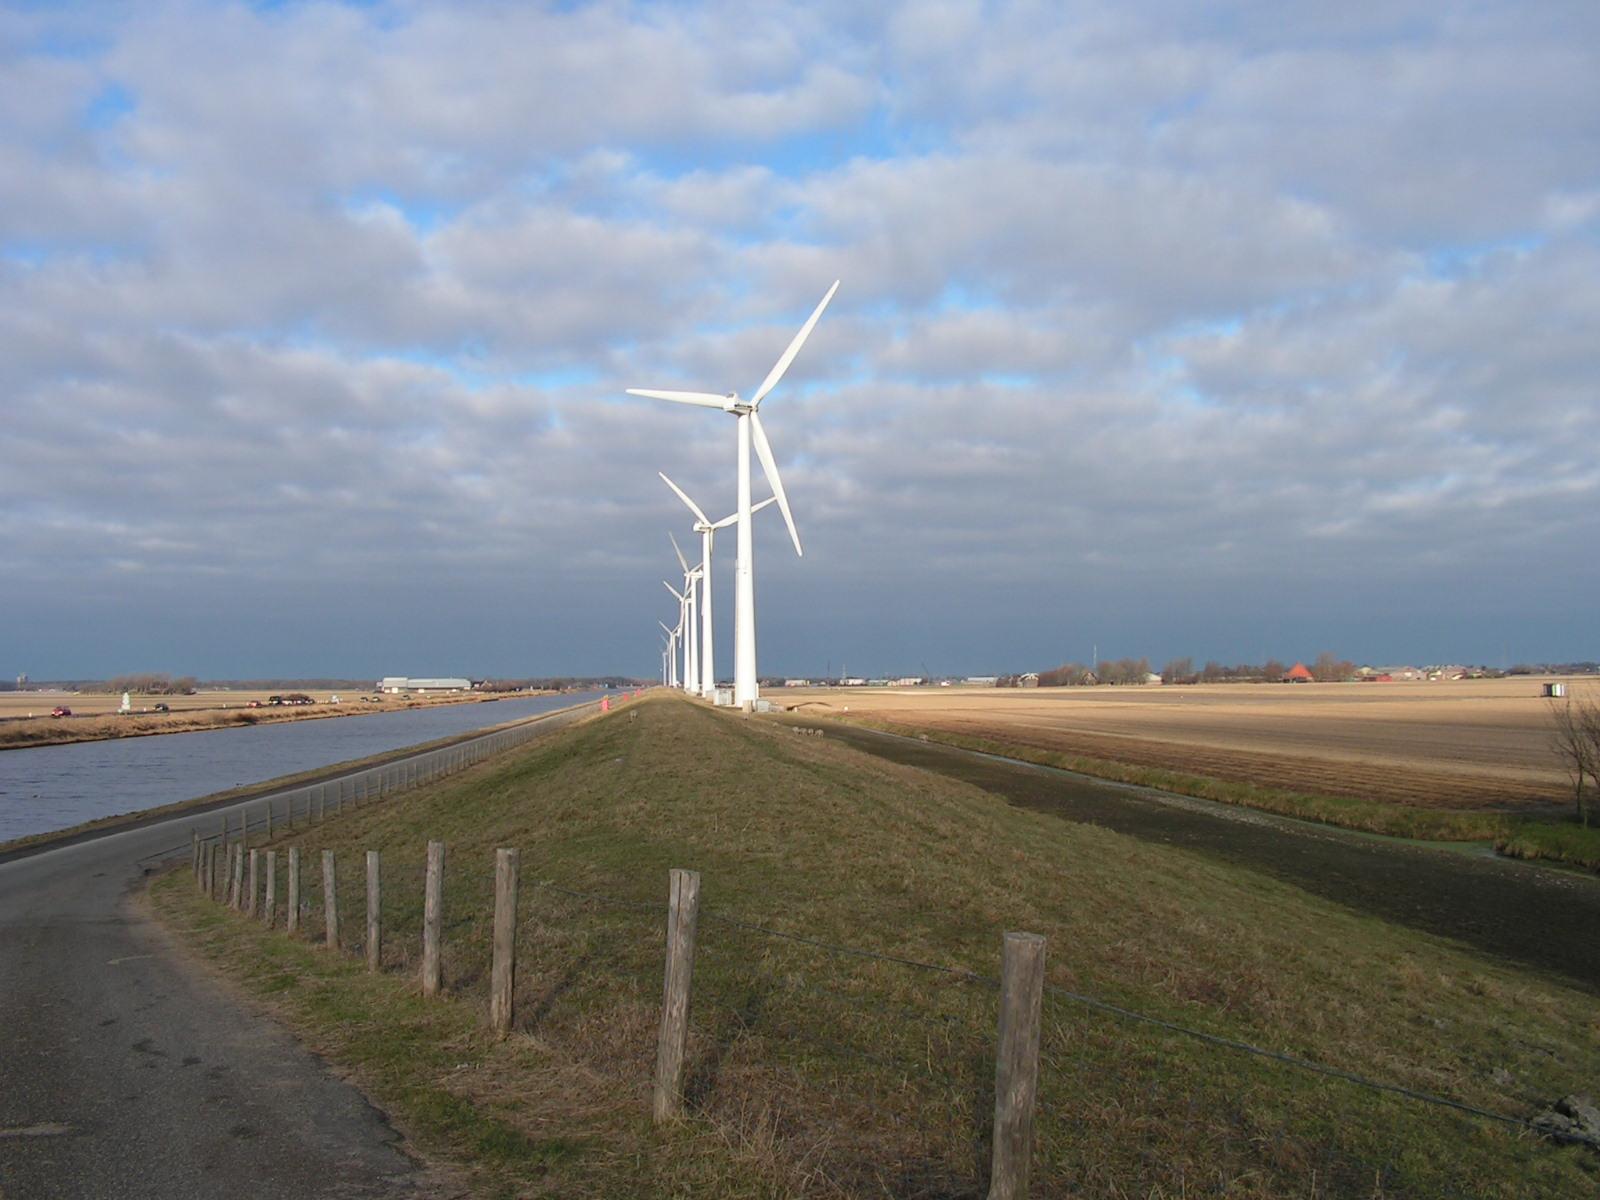 Meer dan 4500 aanvragen voor groene-energieprojecten